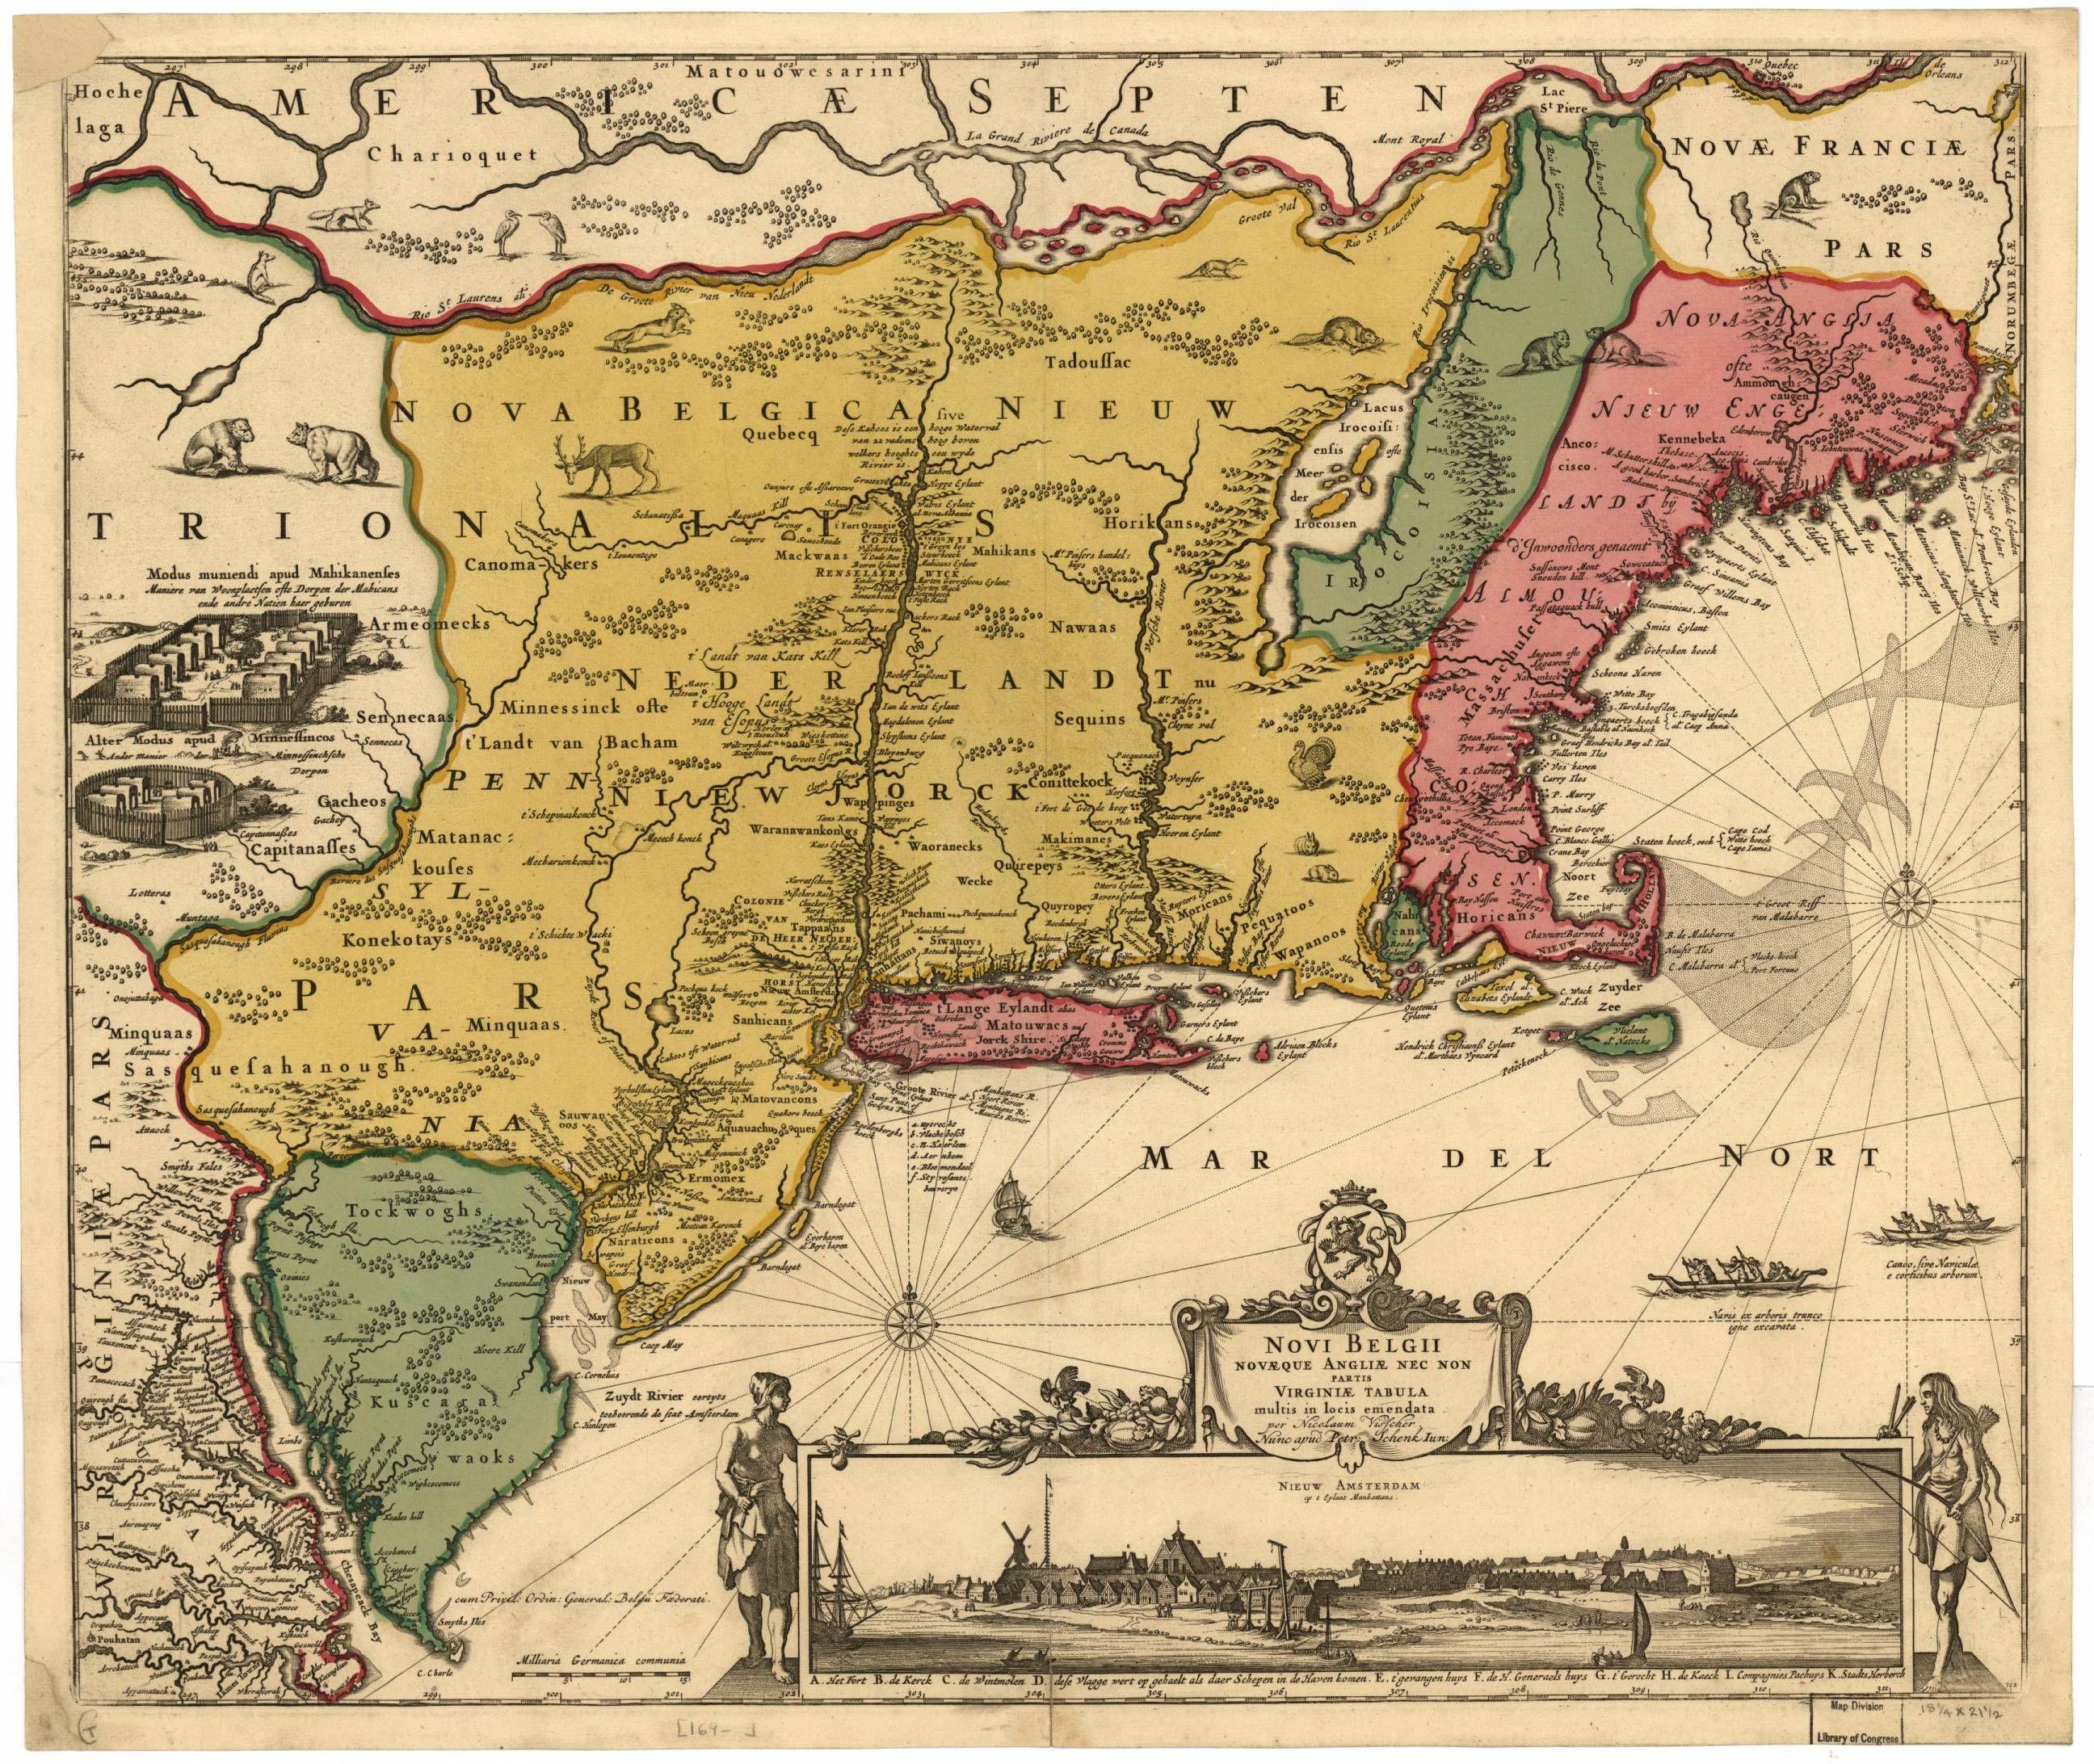 MapNovi Belgii Novæque Angliæ  RPG Vieilles Cartes Old - Early maps of america